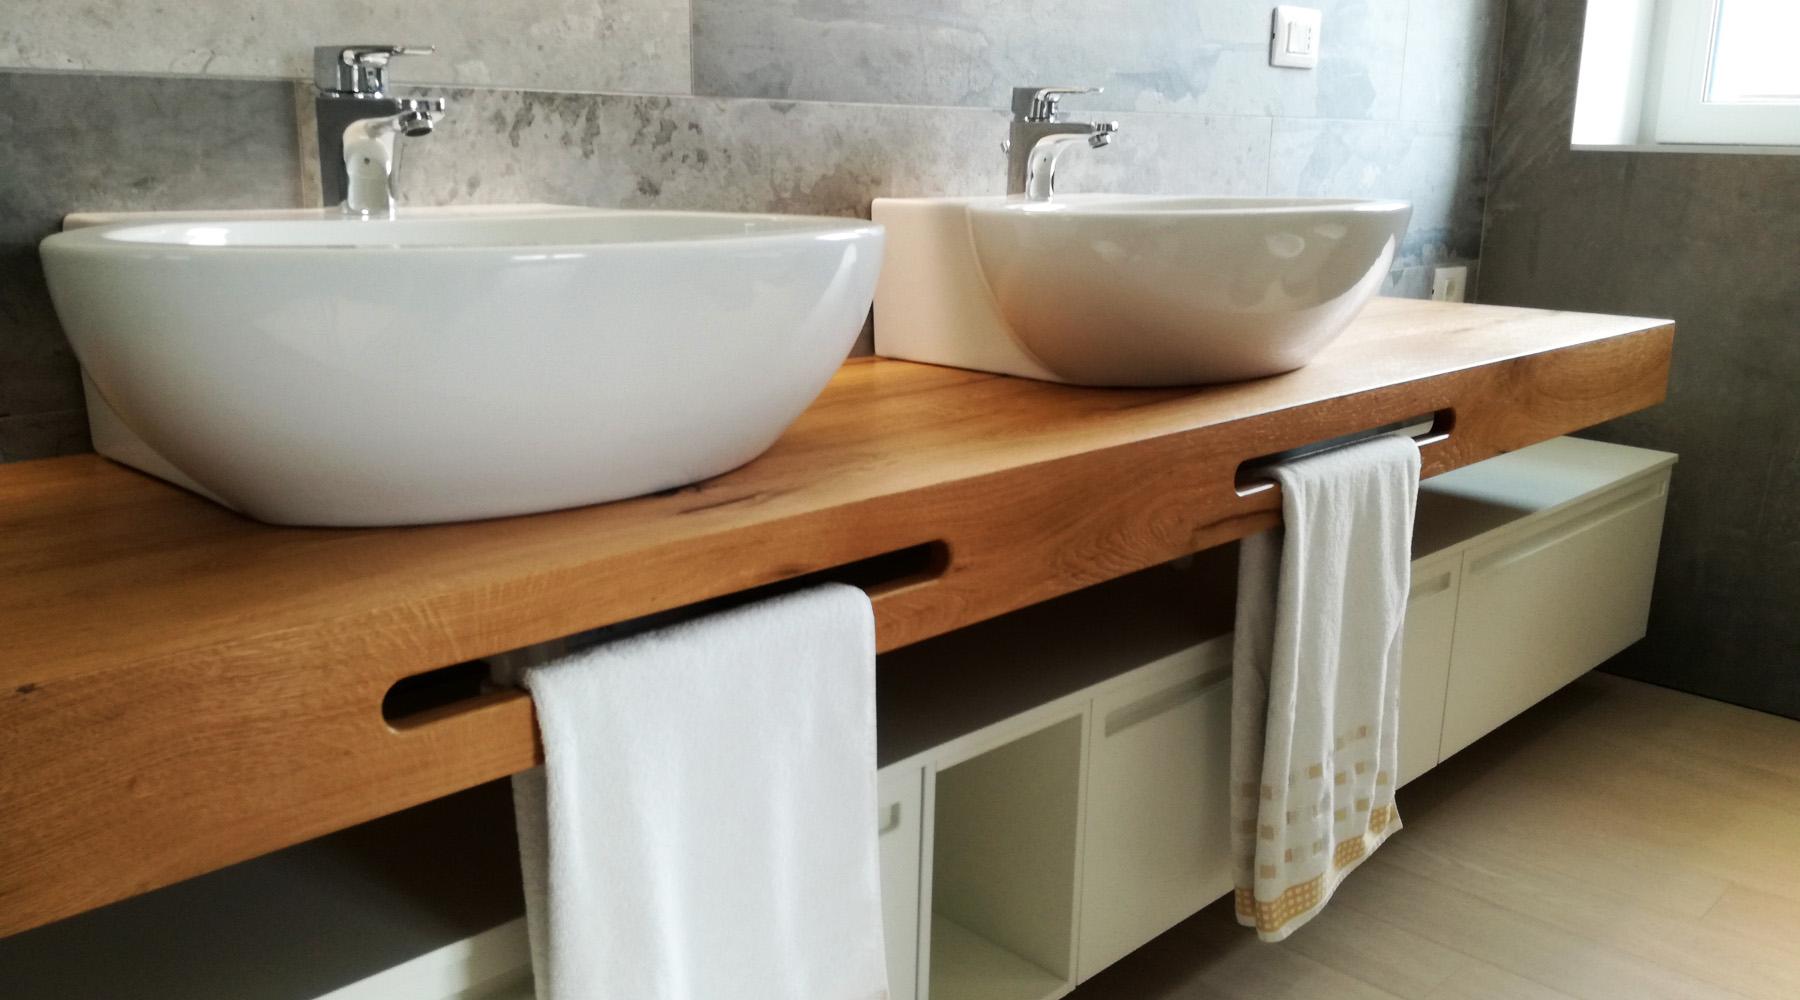 Mobile bagno doppio lavabo con mensola in legno - Mobile asciugamani bagno ...